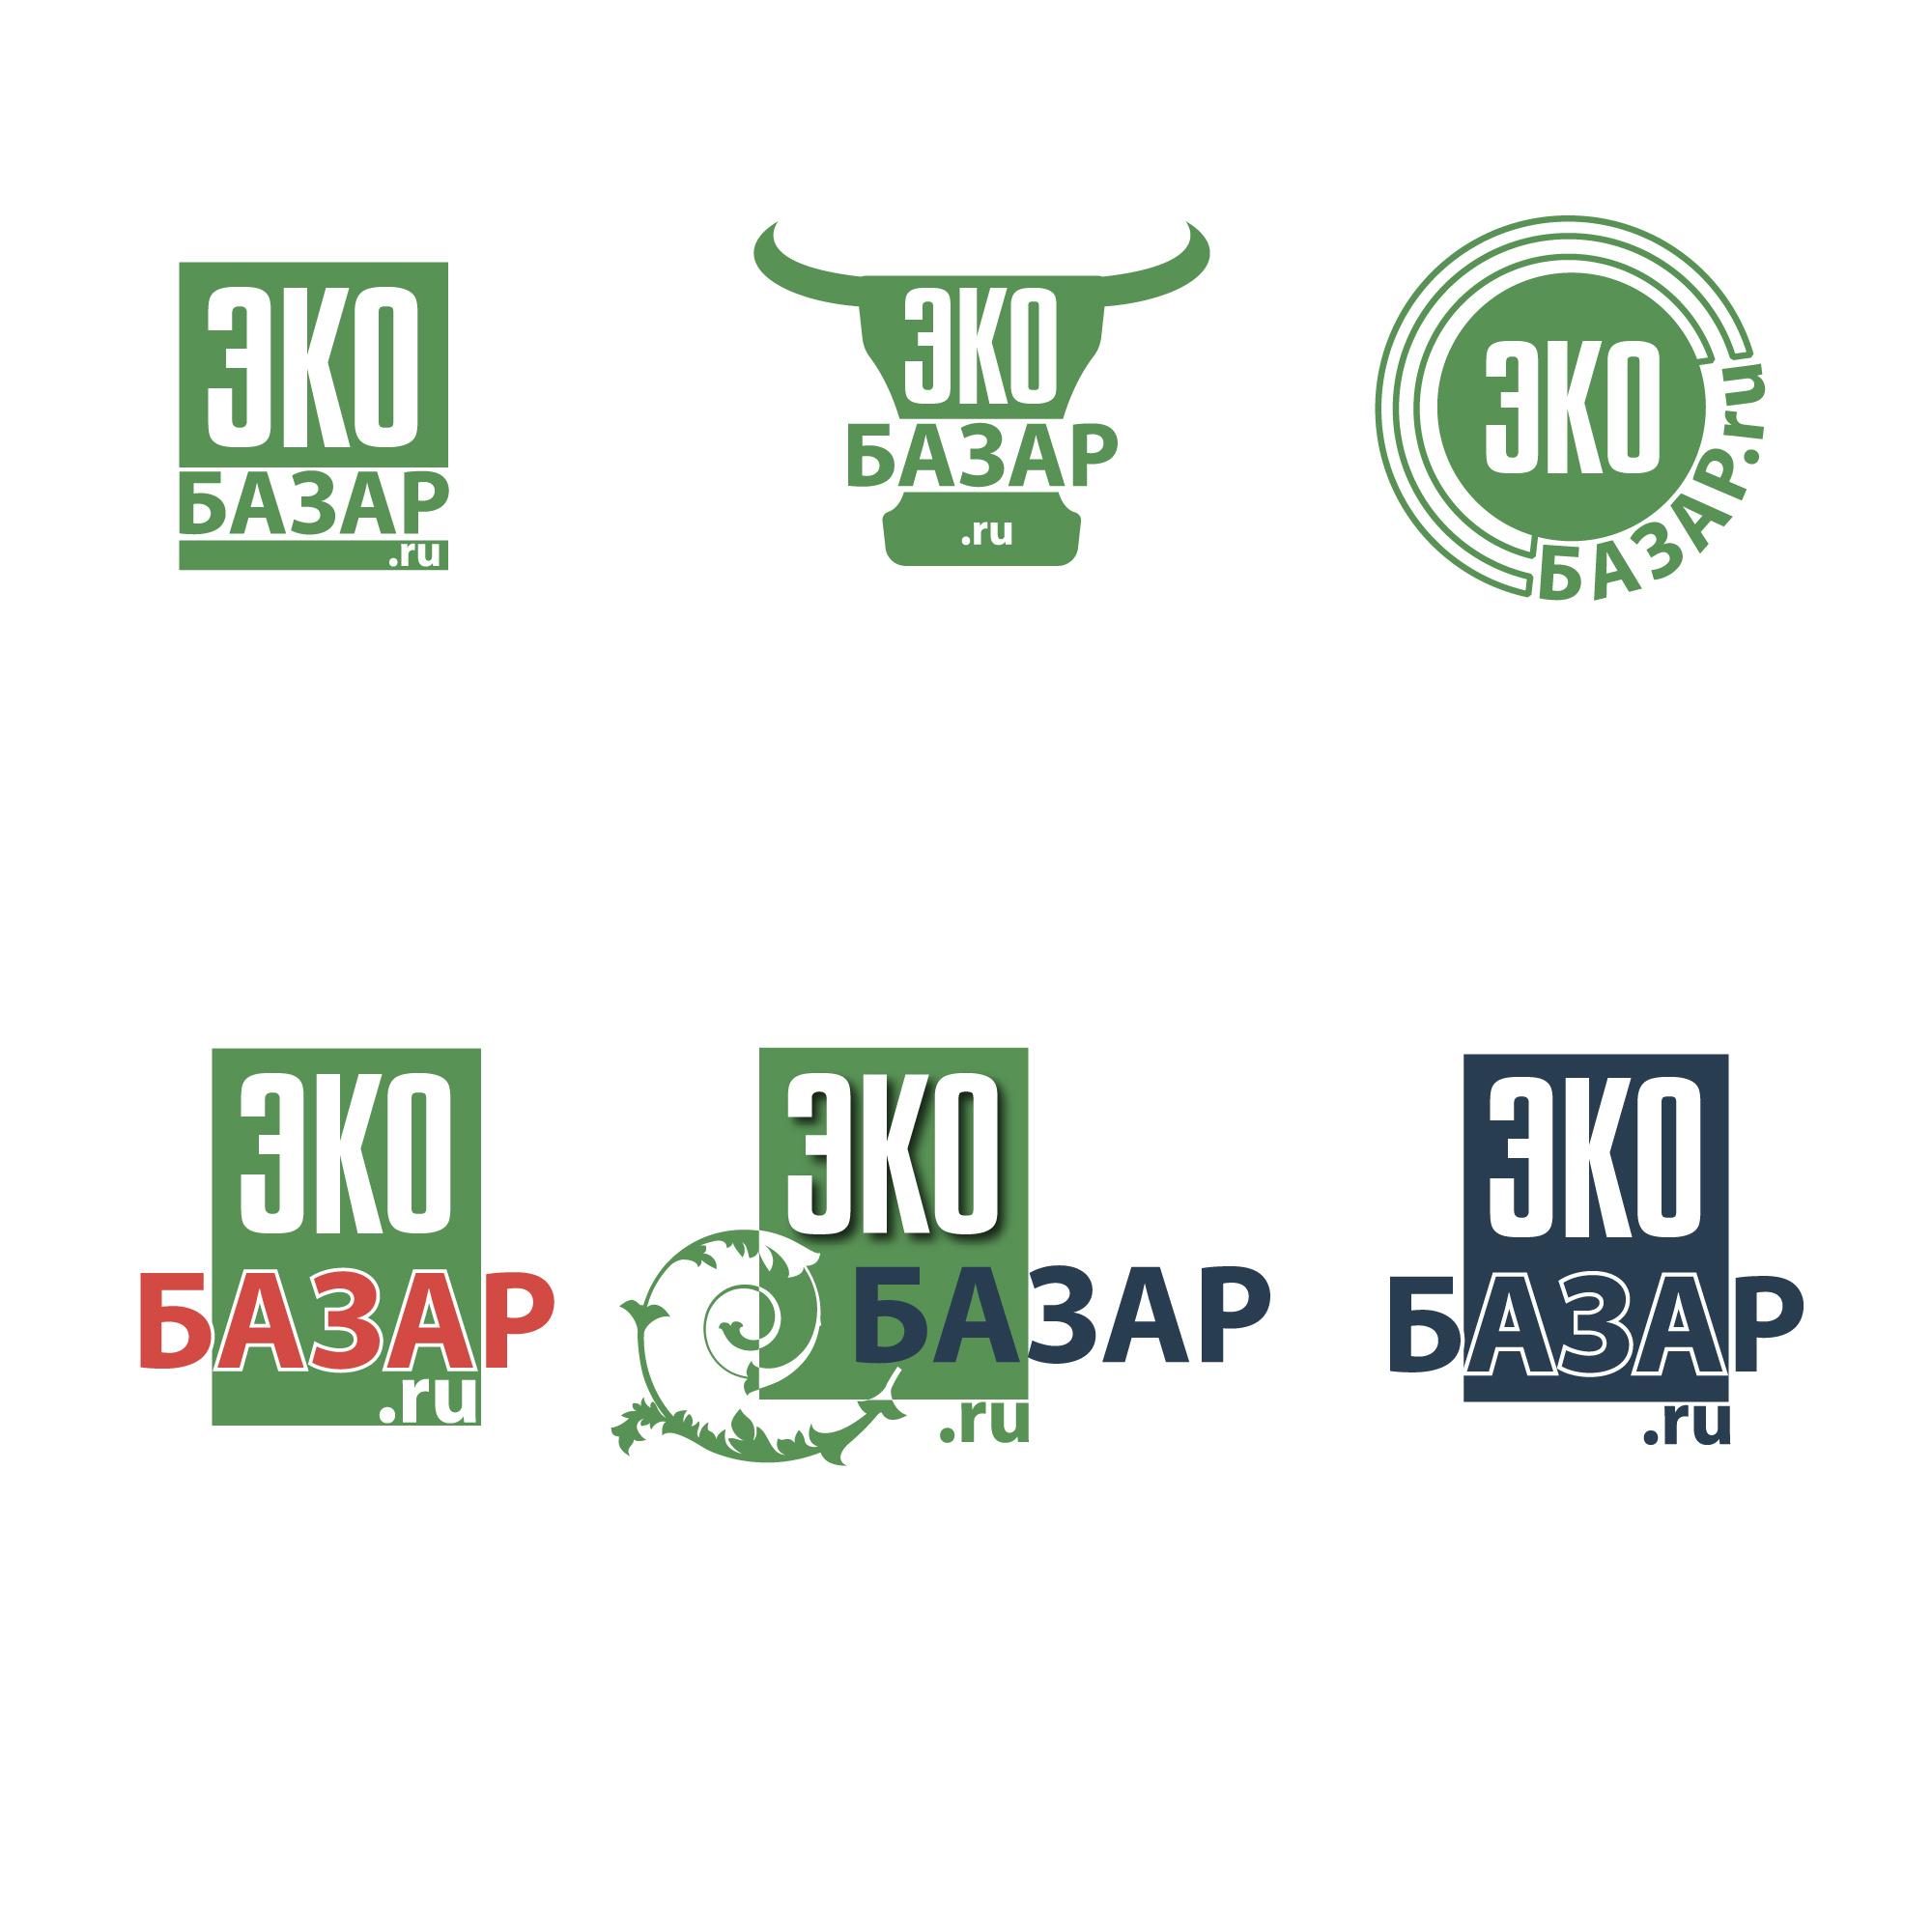 Логотип компании натуральных (фермерских) продуктов фото f_492593fe8cf0e763.jpg